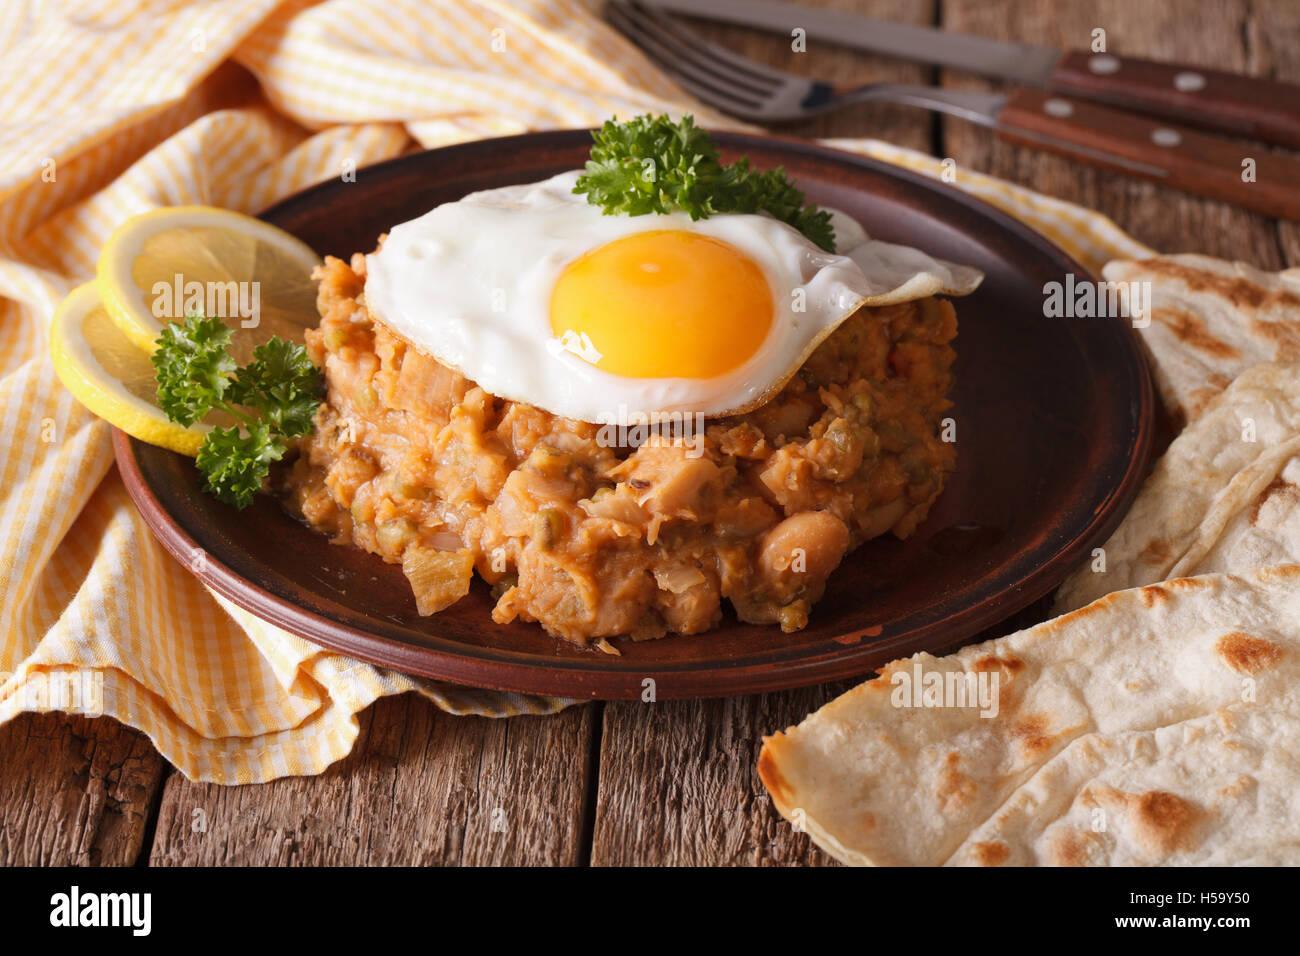 Arabische Ful Medames mit gebratenem Ei und Brot Nahaufnahme auf dem Tisch. horizontale Stockbild